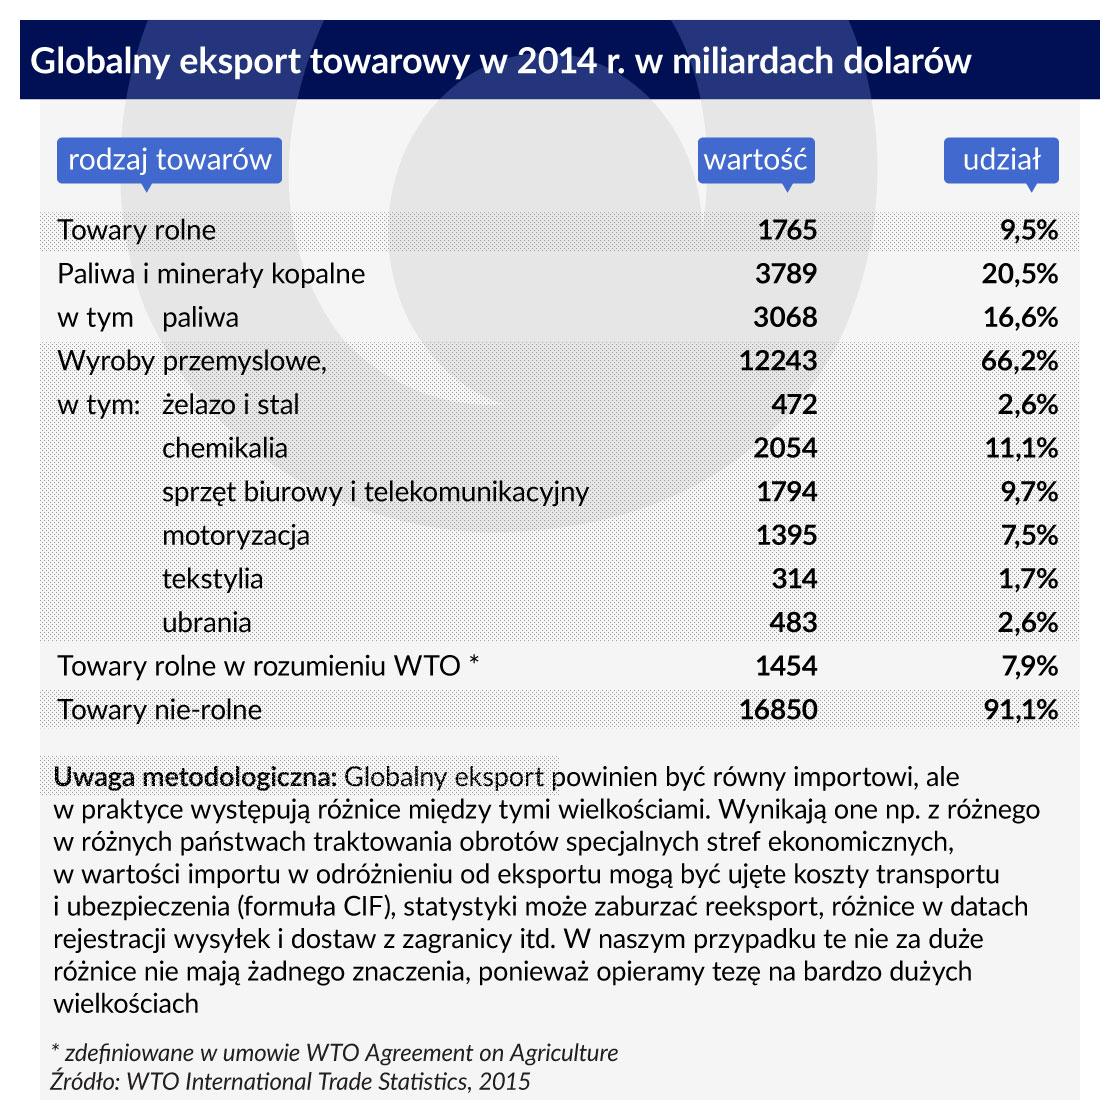 Tabela-1-Globalny-eksport-towarowy-1120